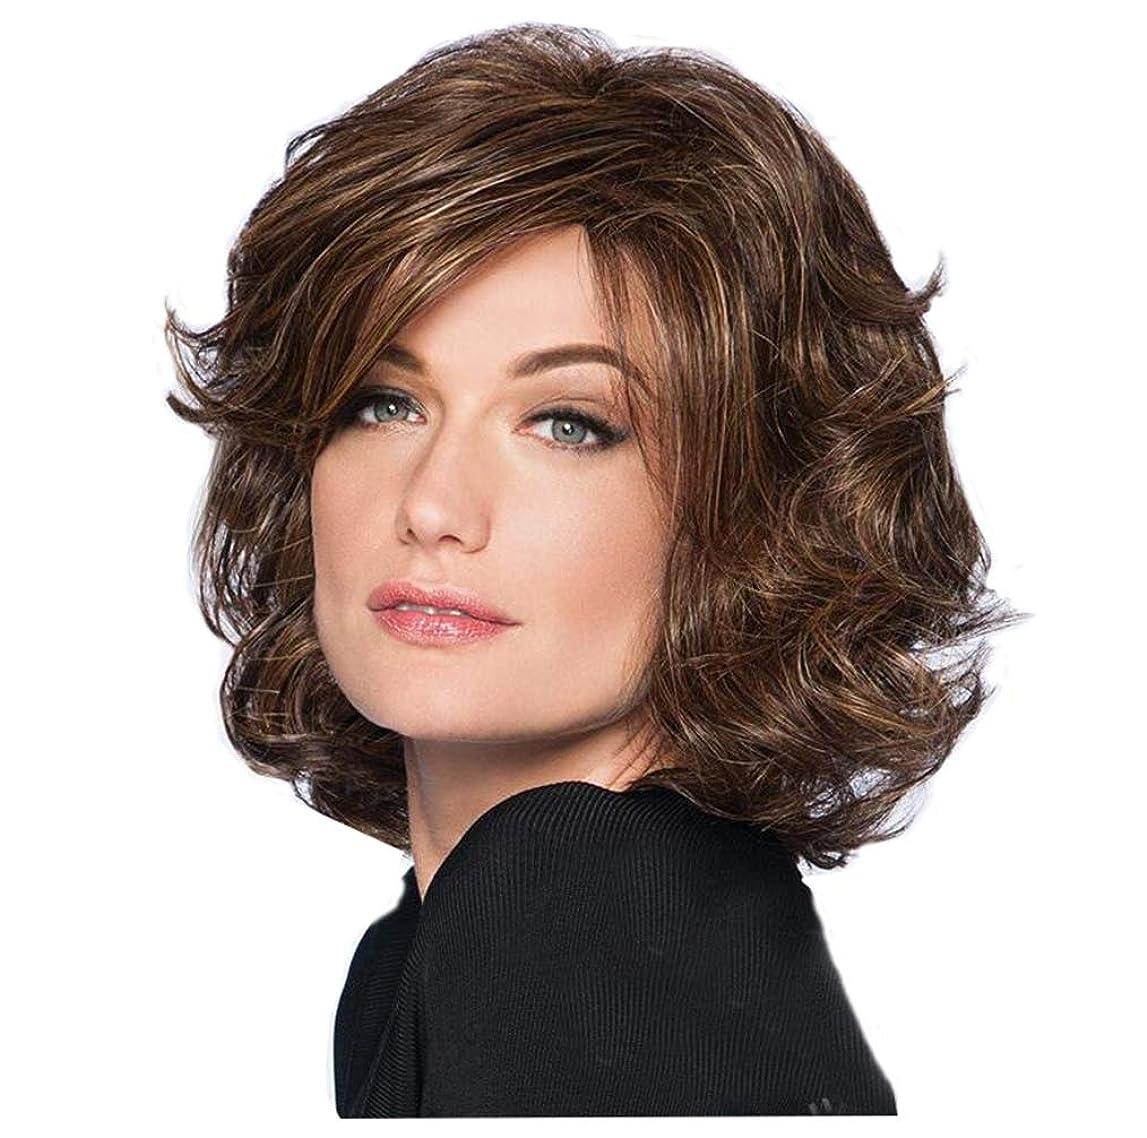 はず暗い従順なウィッグレディースショートカーリー波状の高品質耐熱ゴールデンブラウン合成人間の髪の毛のかつらとして